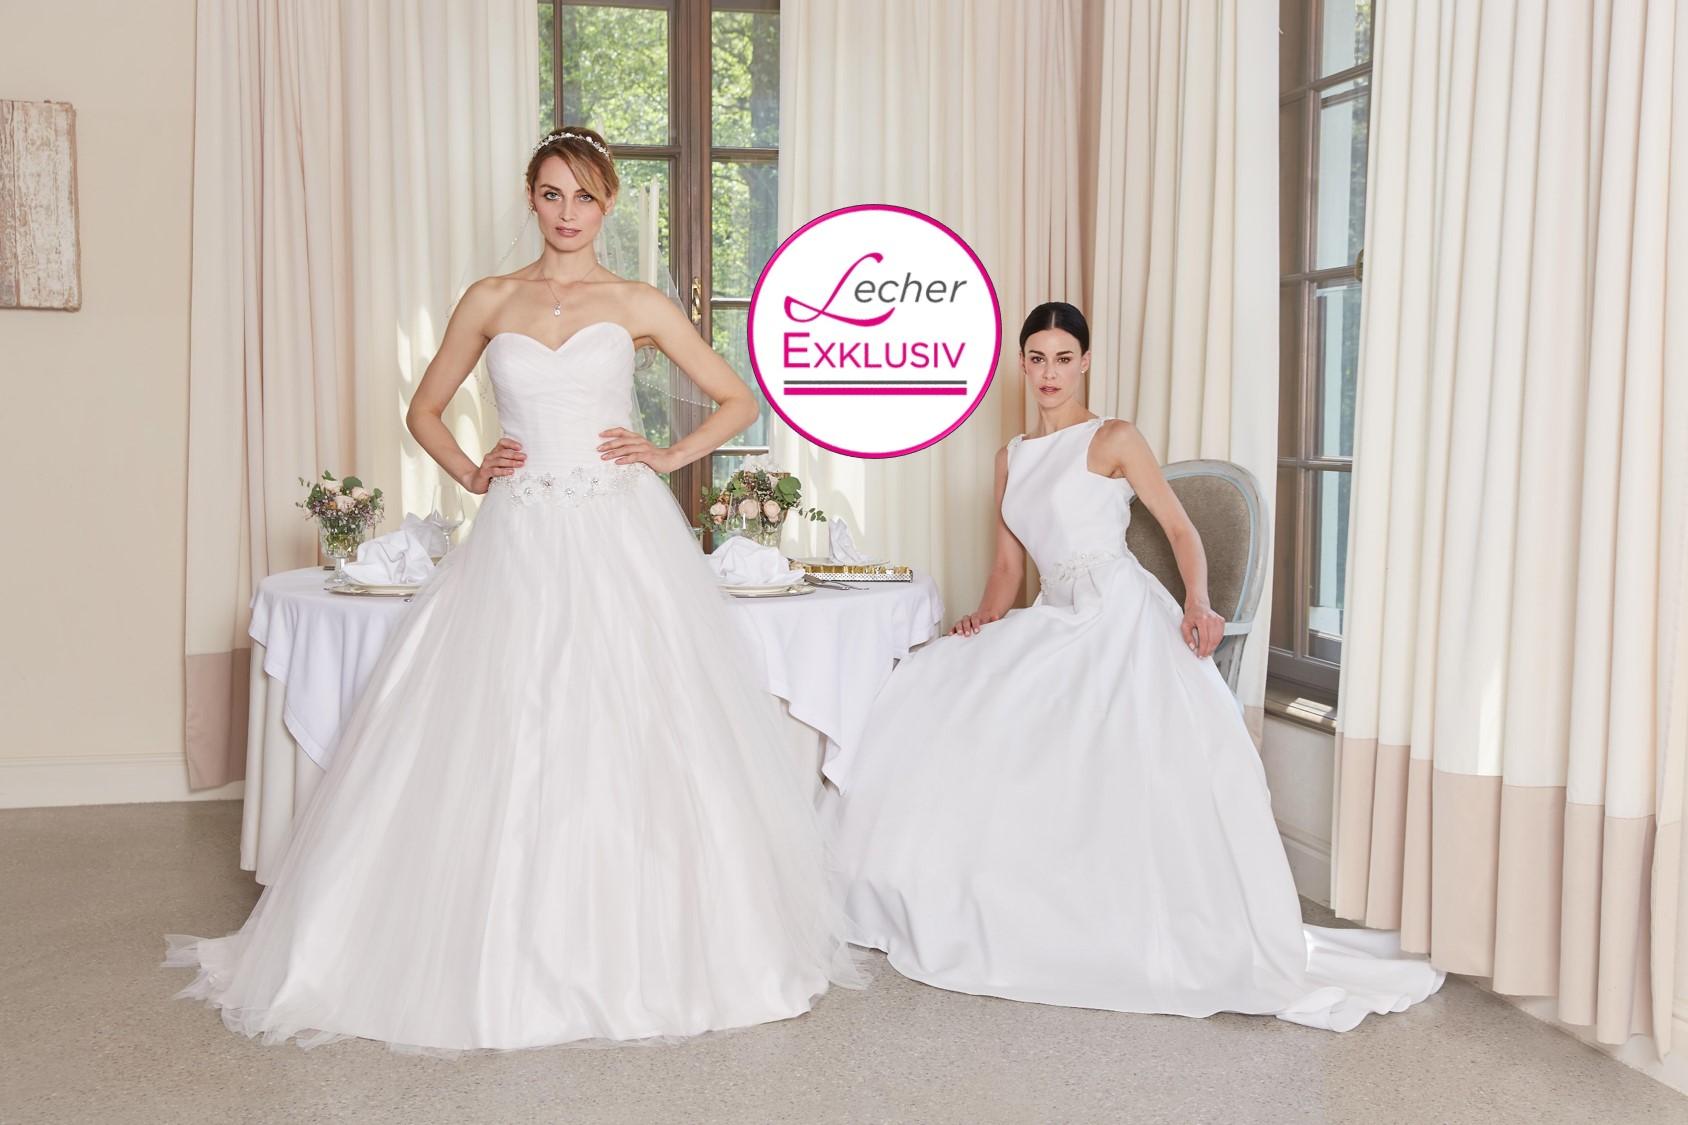 Brautkleider Exklusiv Lecher